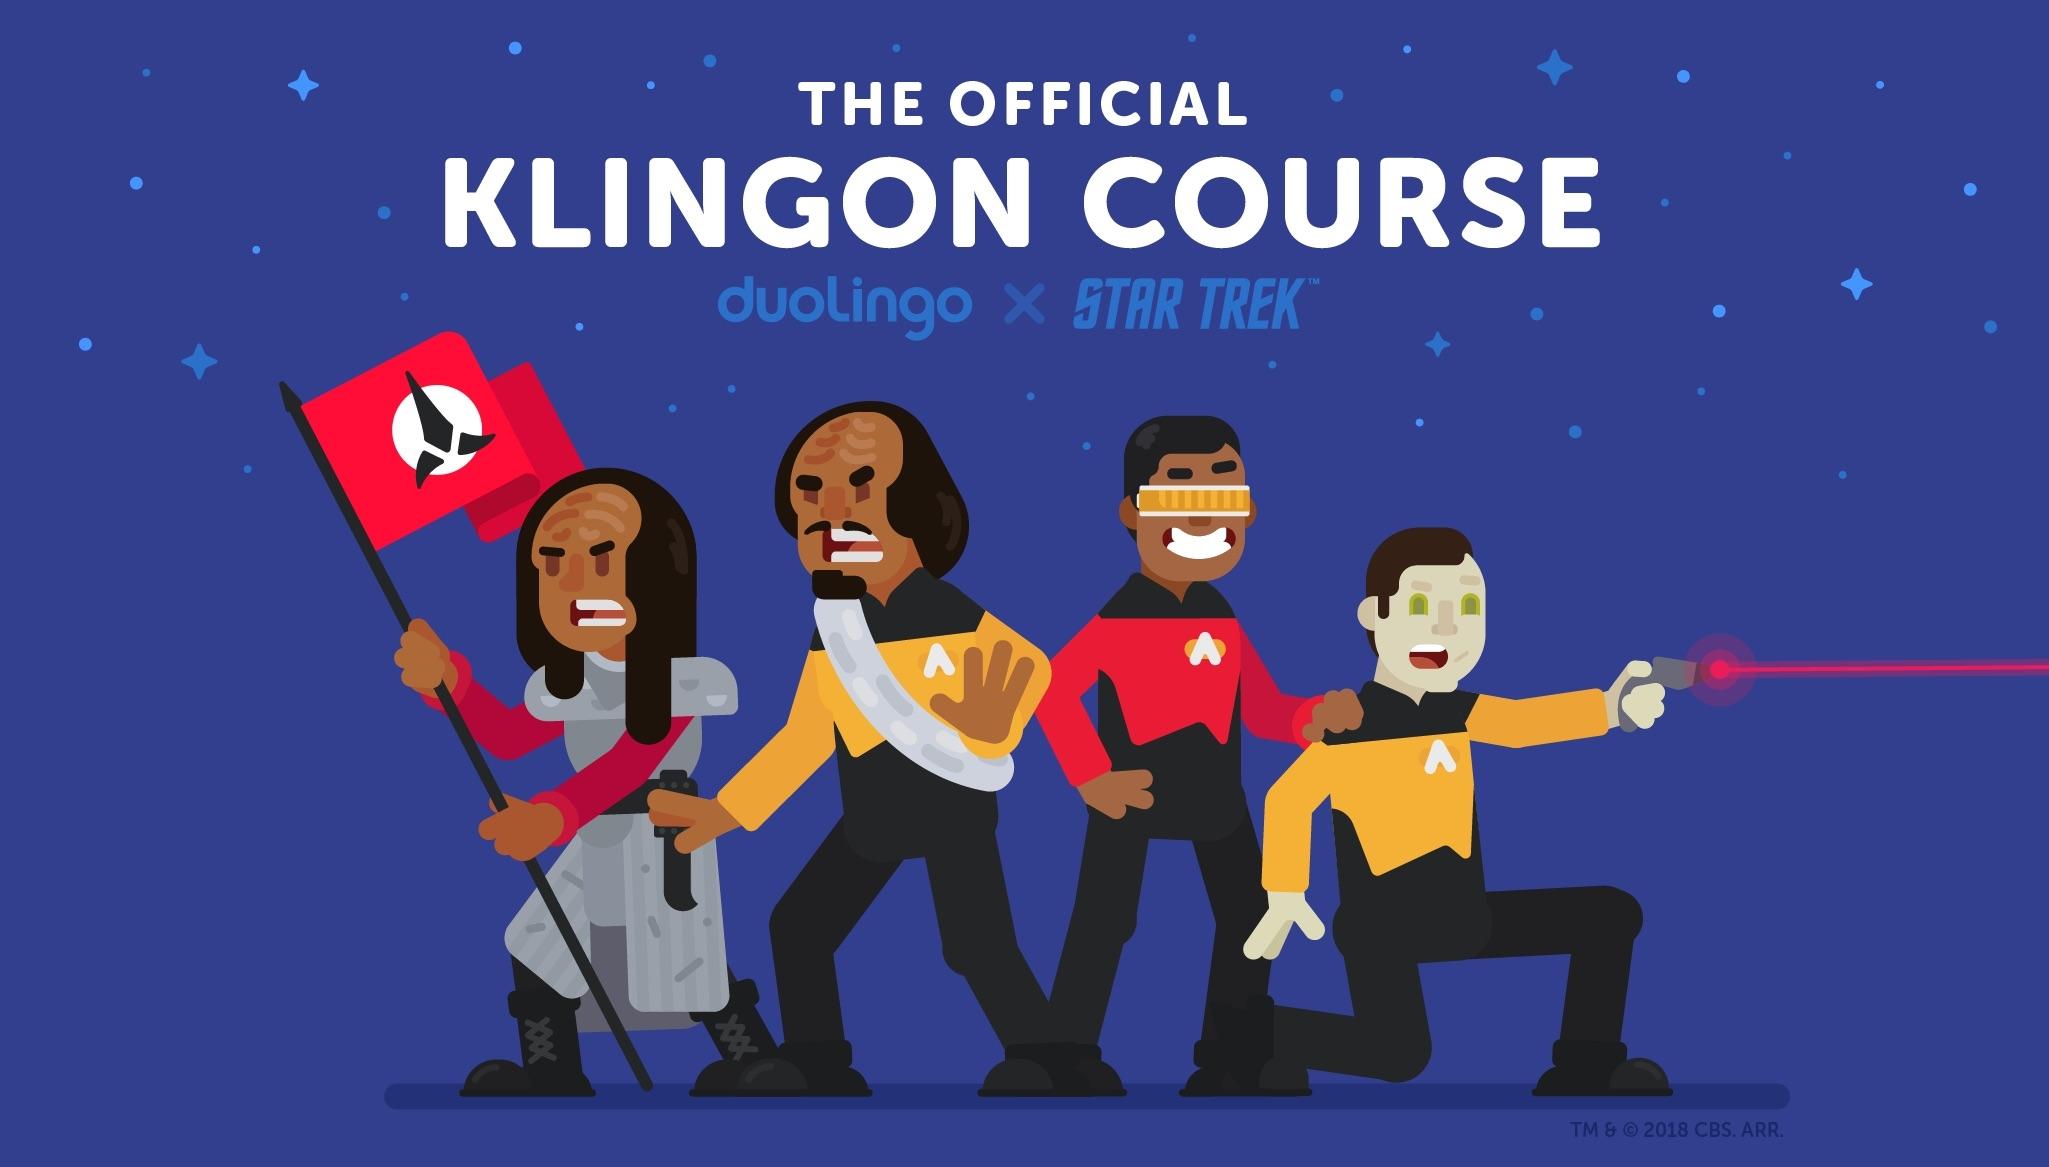 Онлайн-сервис Duolingo запустил курс изучения клингонского языка из сериала Star Trek